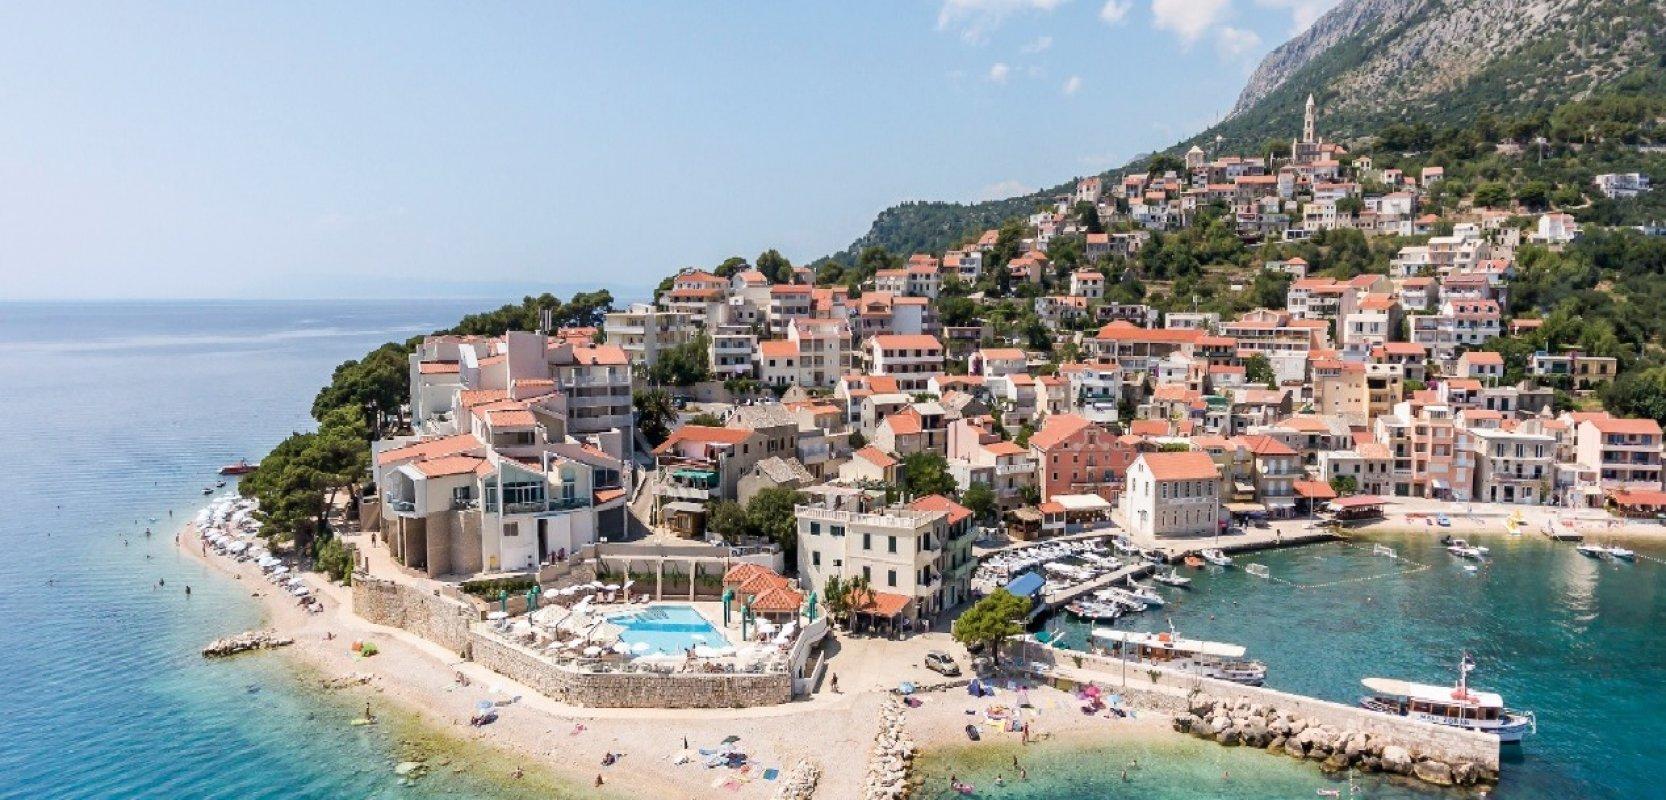 ŽIVOGOŠČE - Hrvaška